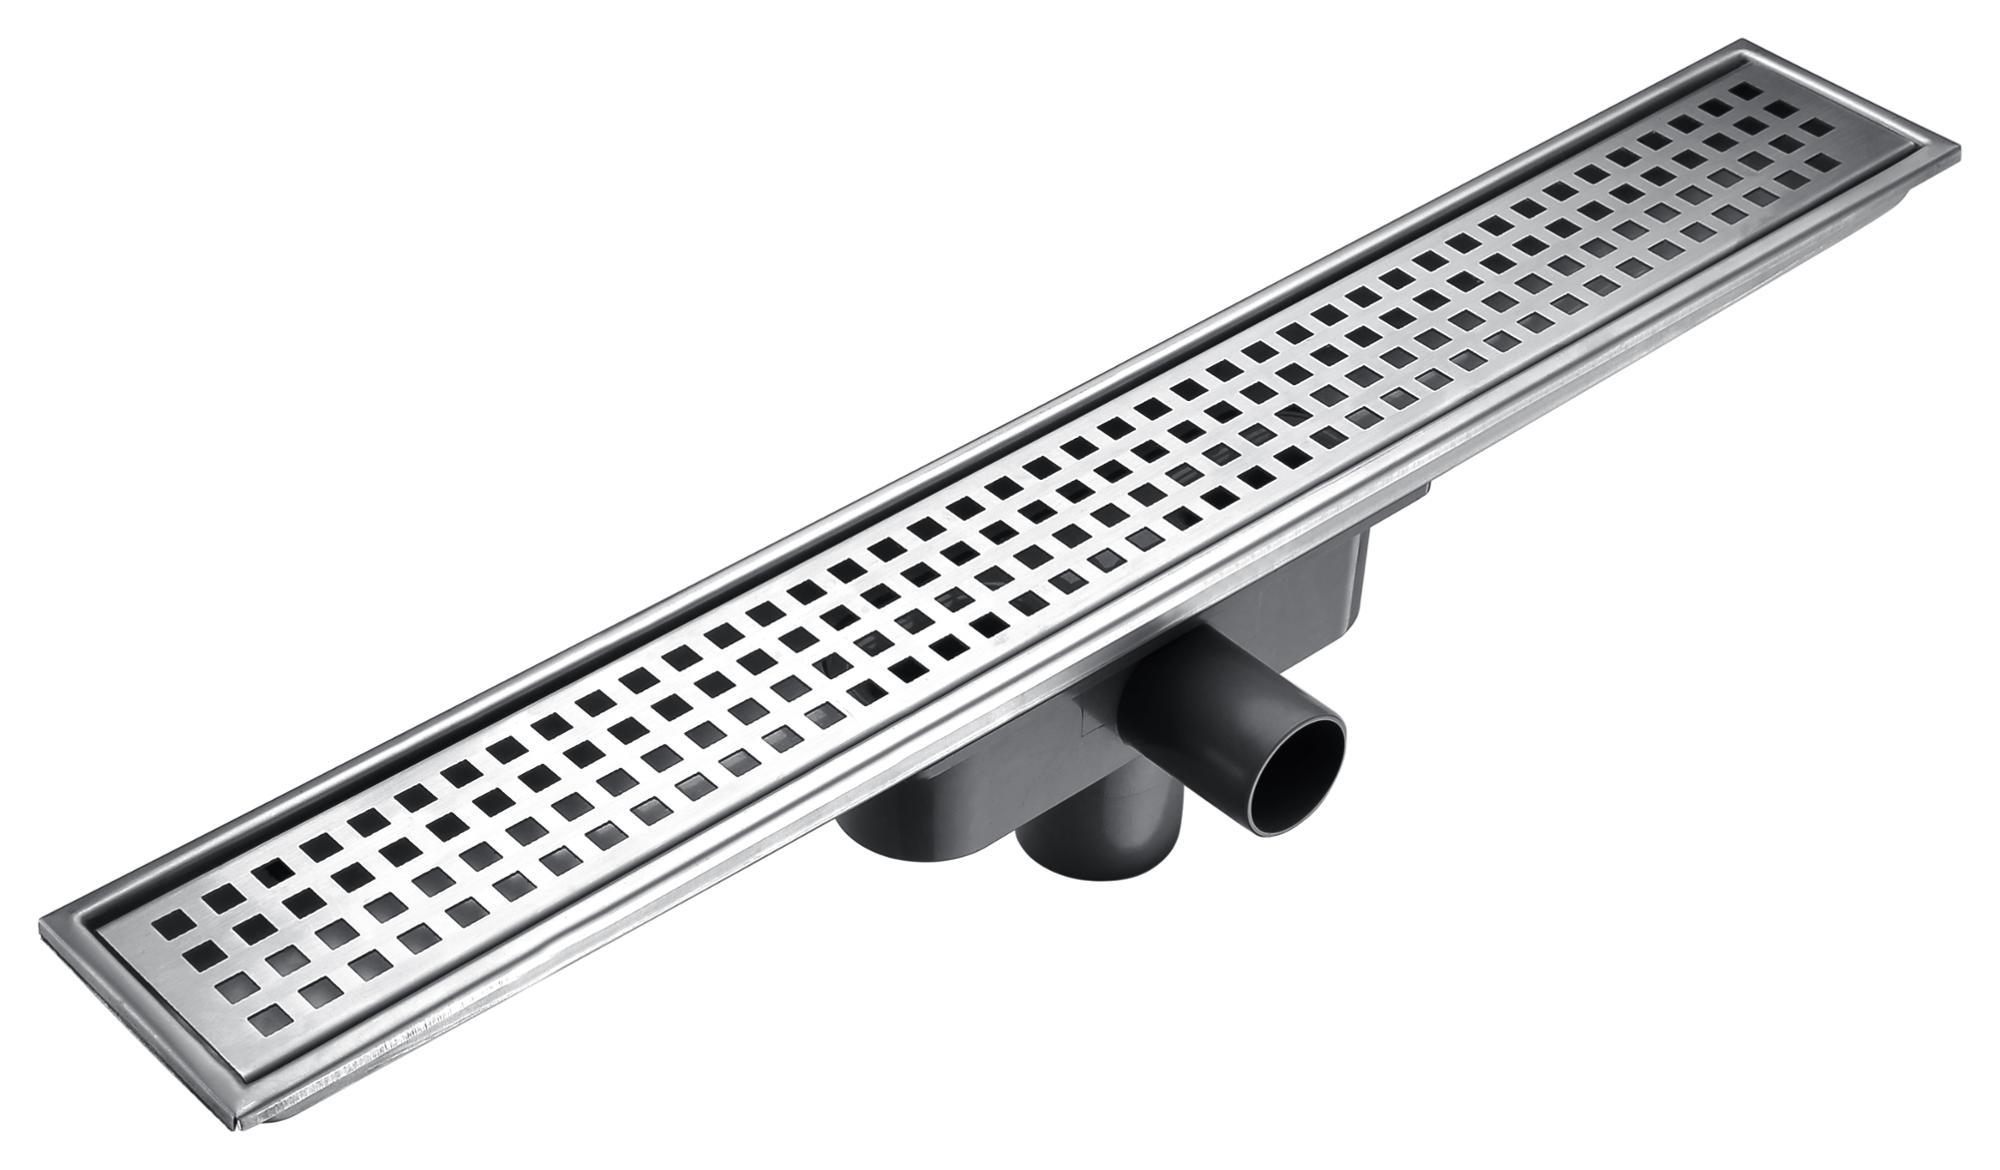 Zemin drenaj SUS304 paslanmaz çelik duş sifonları uzun drenaj banyo için